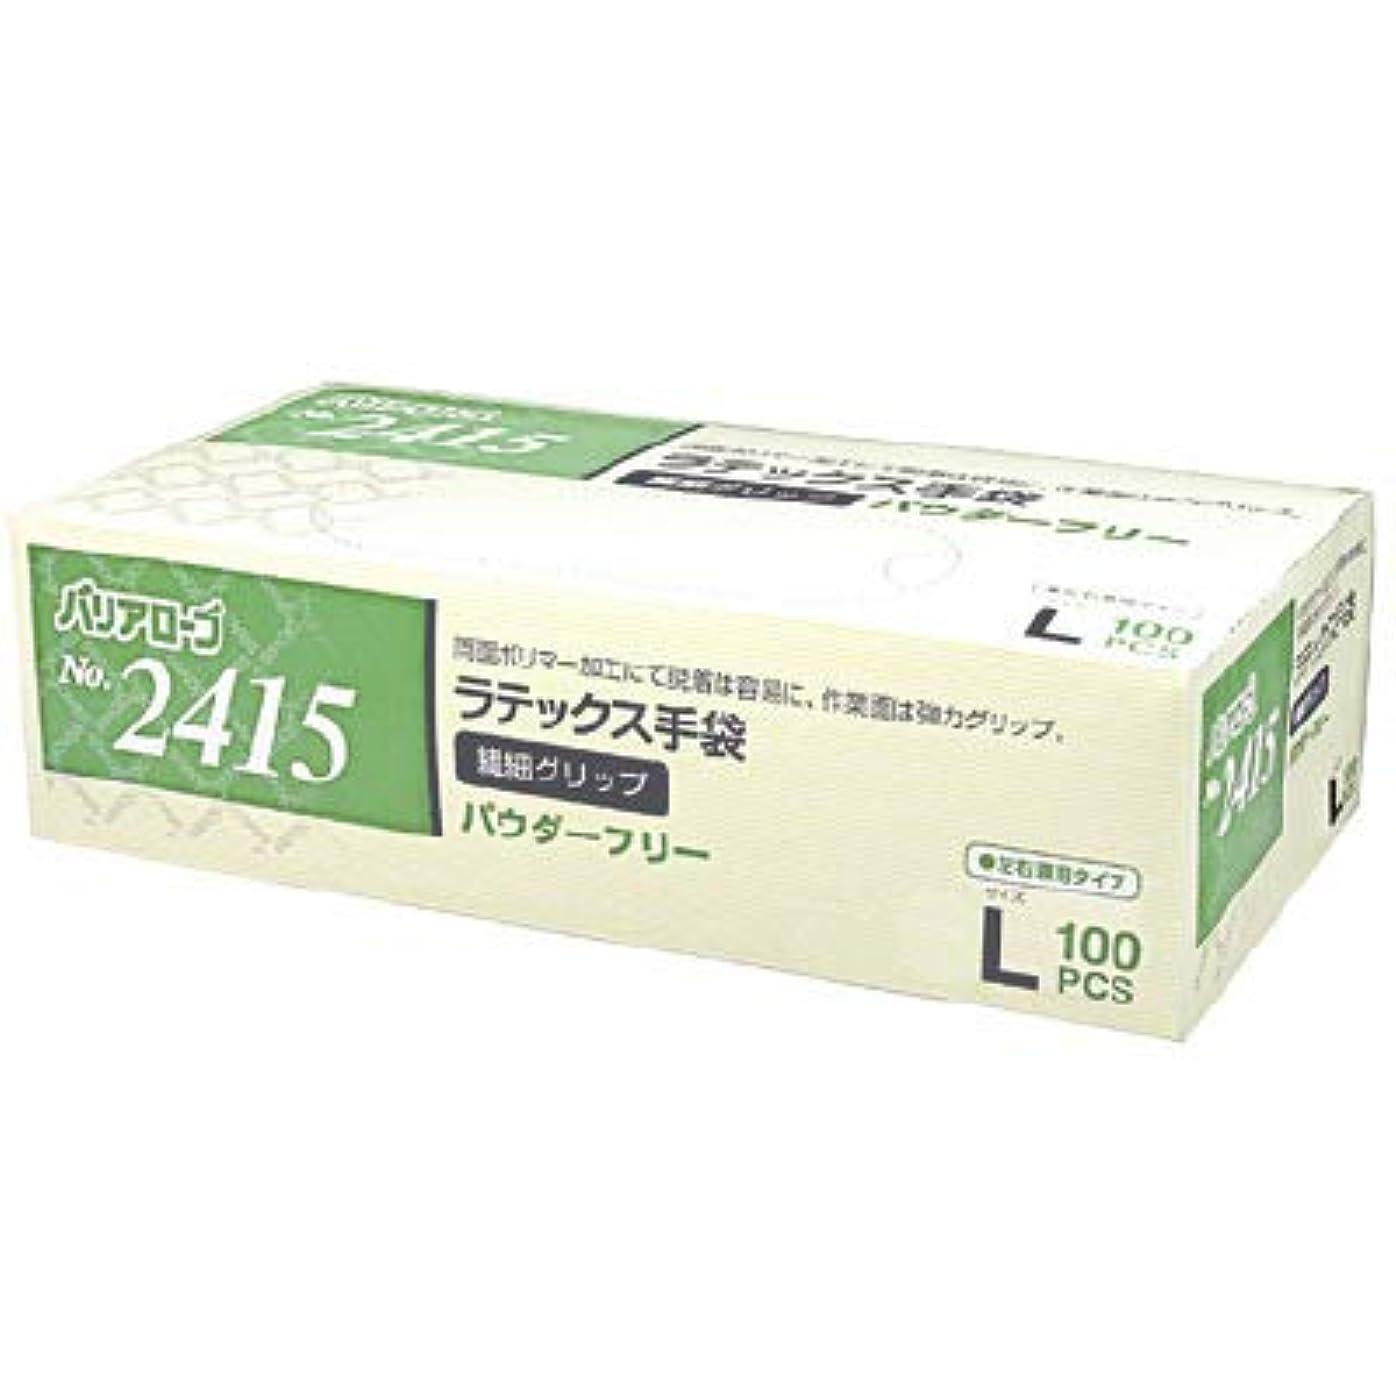 インフルエンザ工業用乳白【ケース販売】 バリアローブ №2415 ラテックス手袋 繊細グリップ (パウダーフリー) L 2000枚(100枚×20箱)